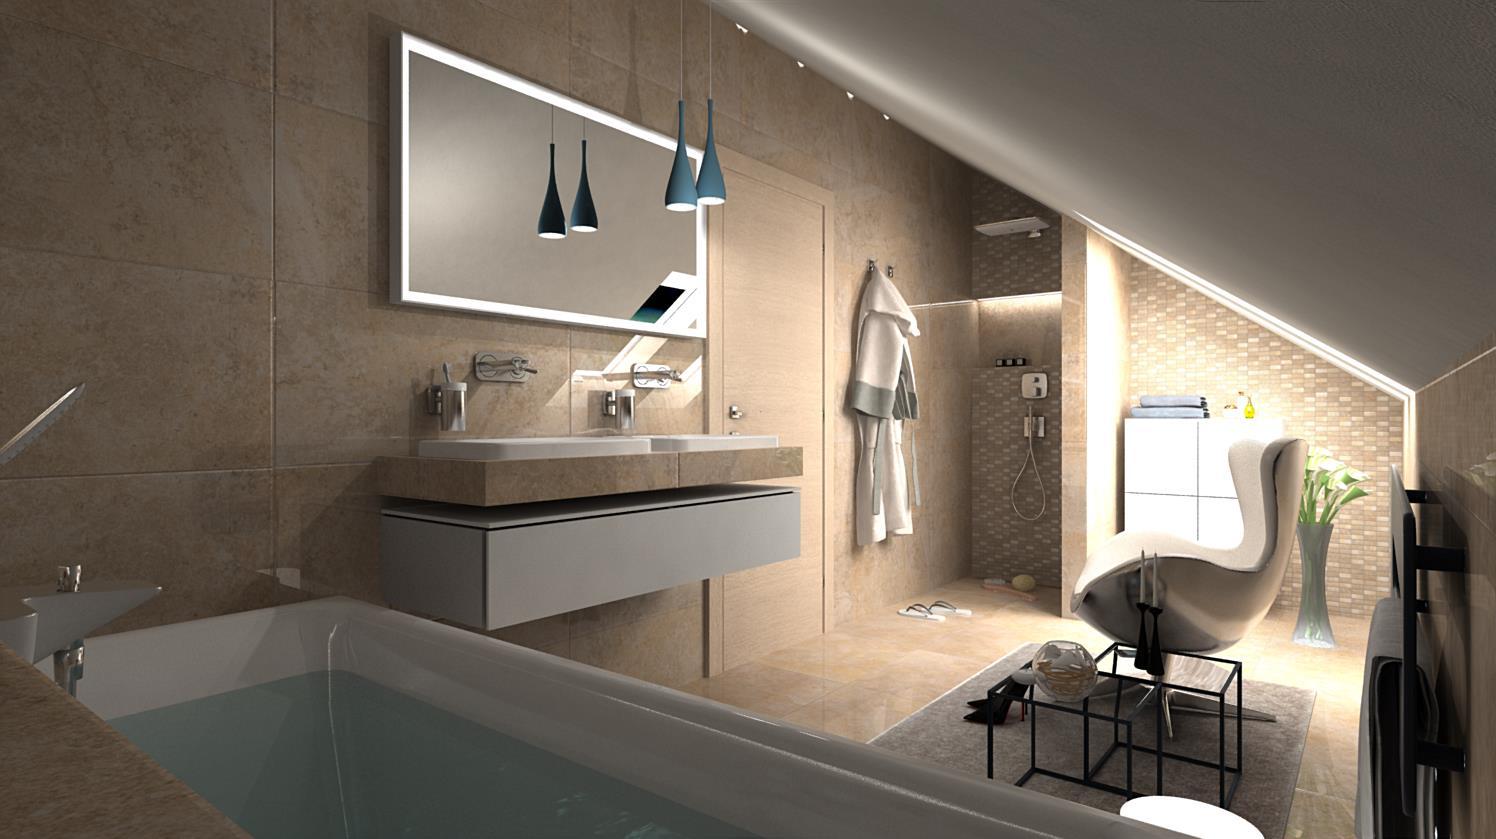 Vizualizácie kúpeľní - Obrázok č. 80